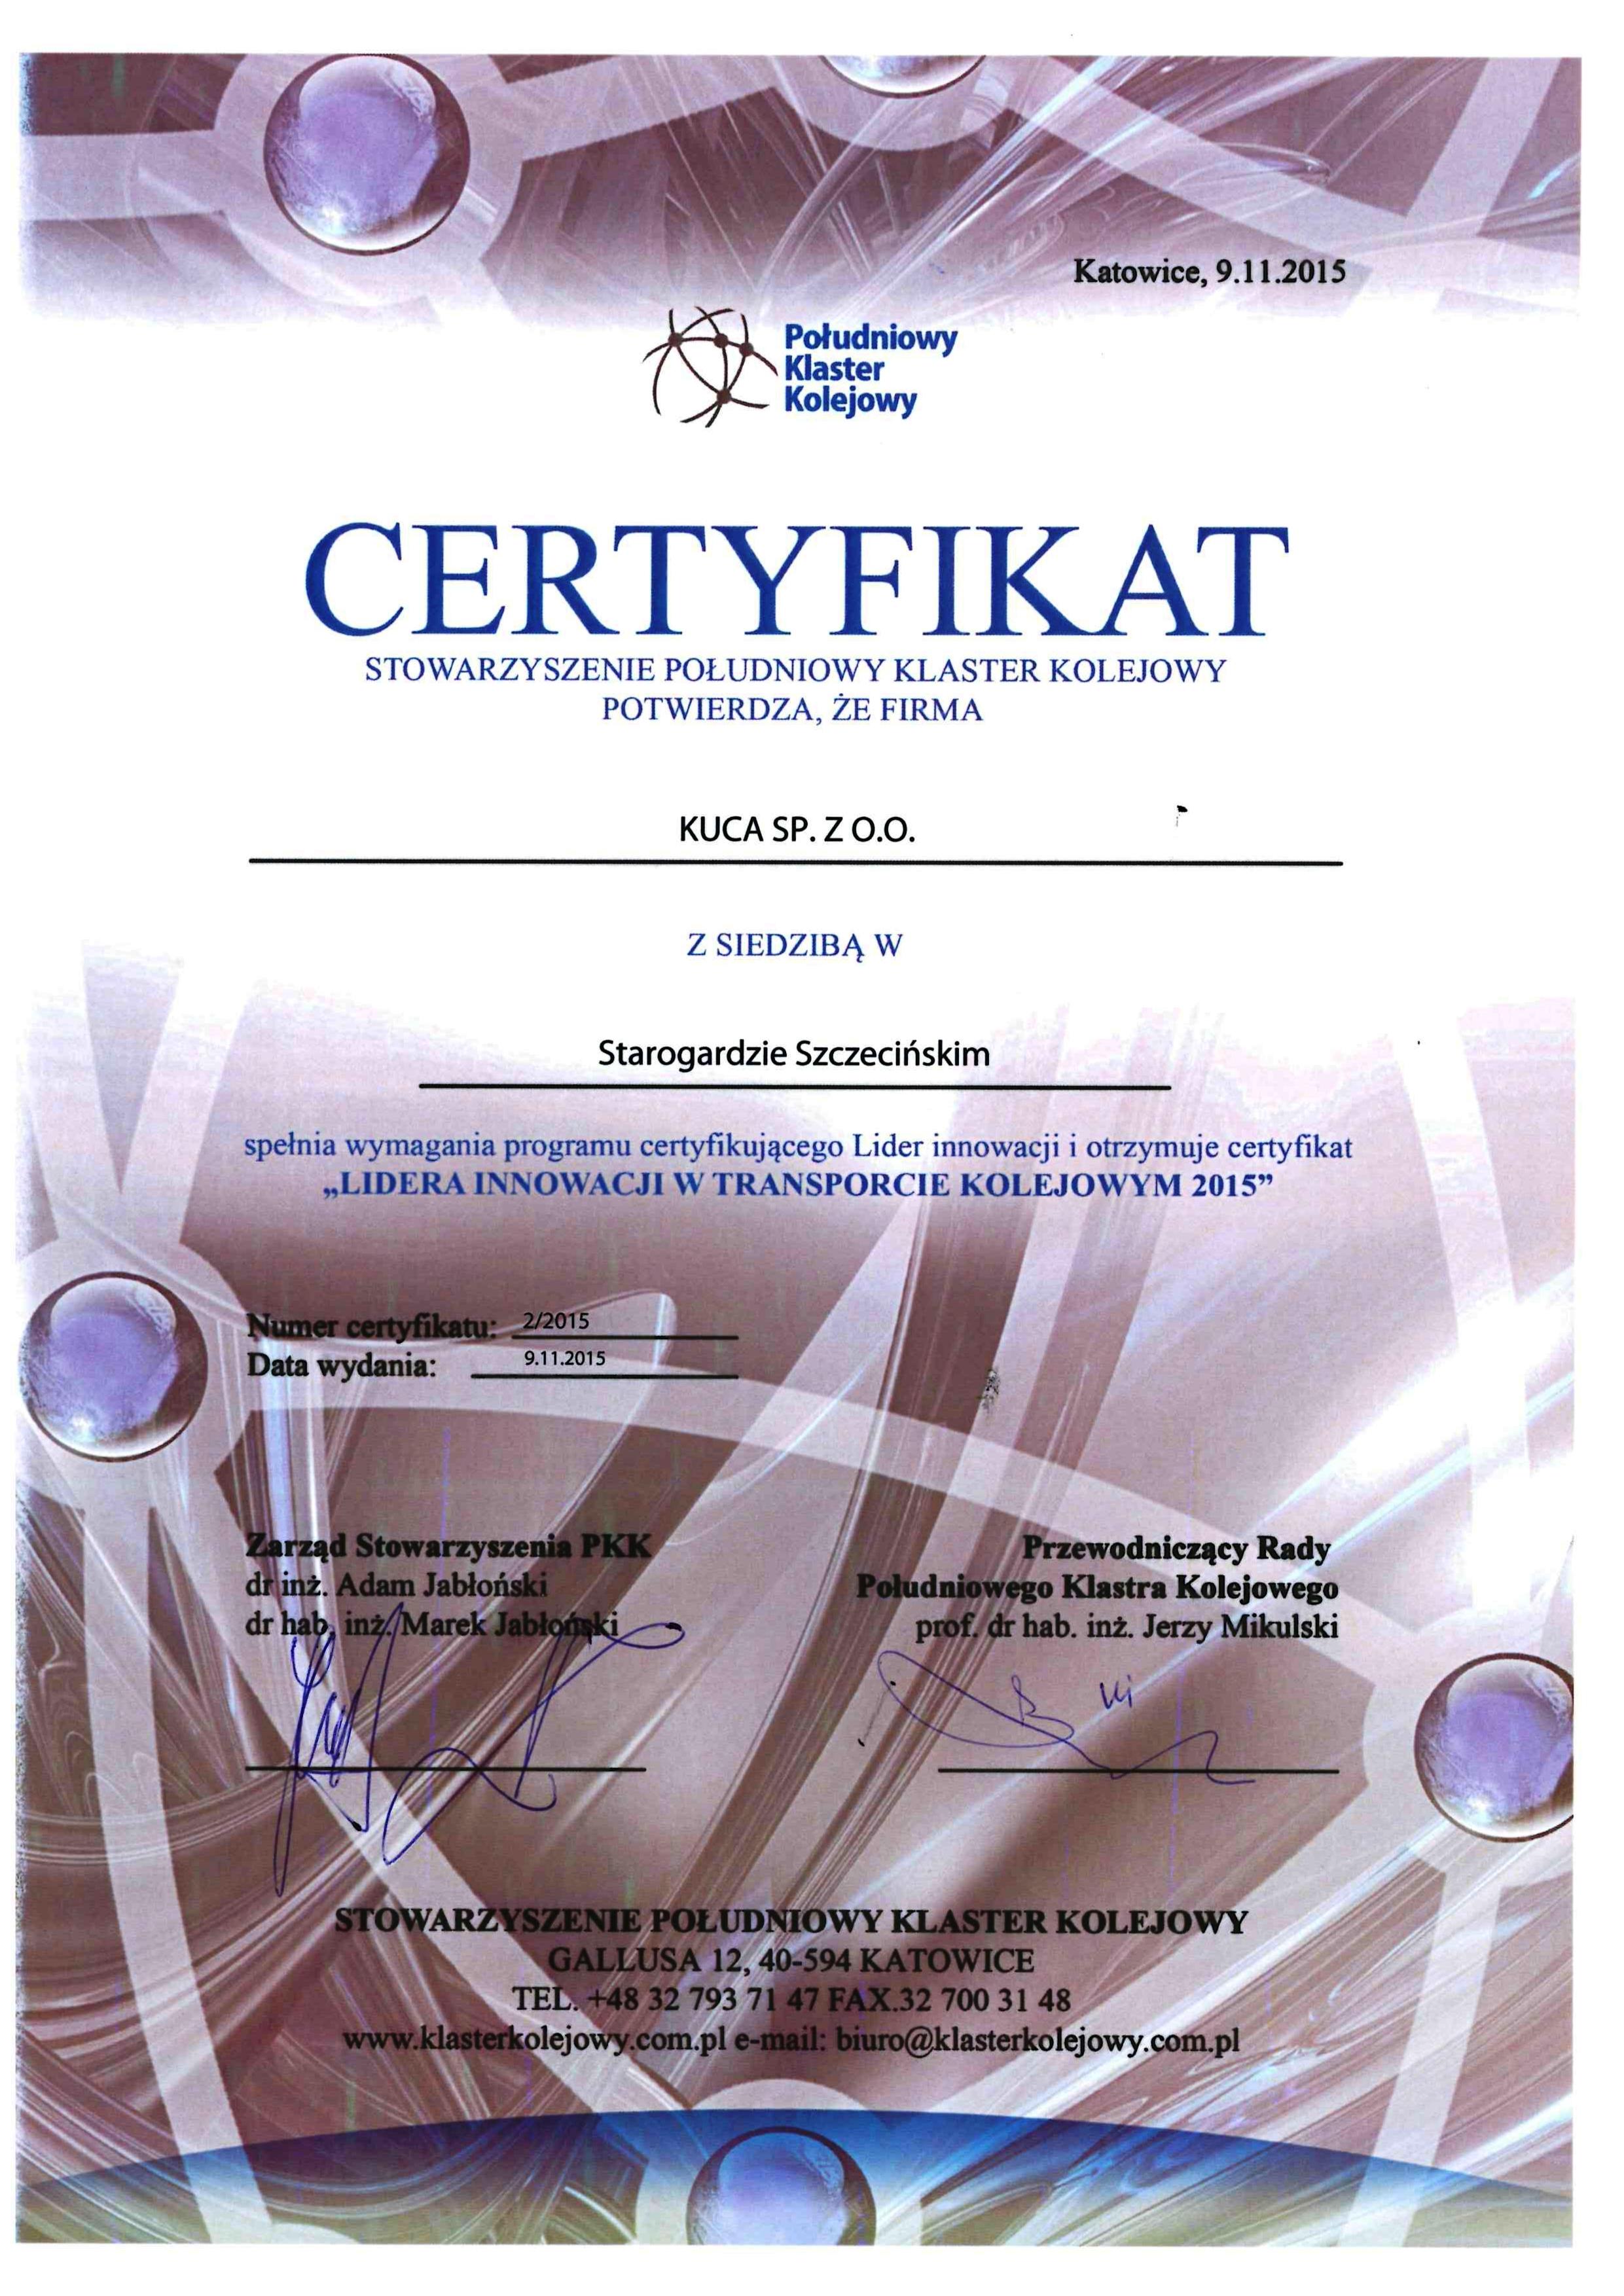 Certyfikat PPK 09.11.2015